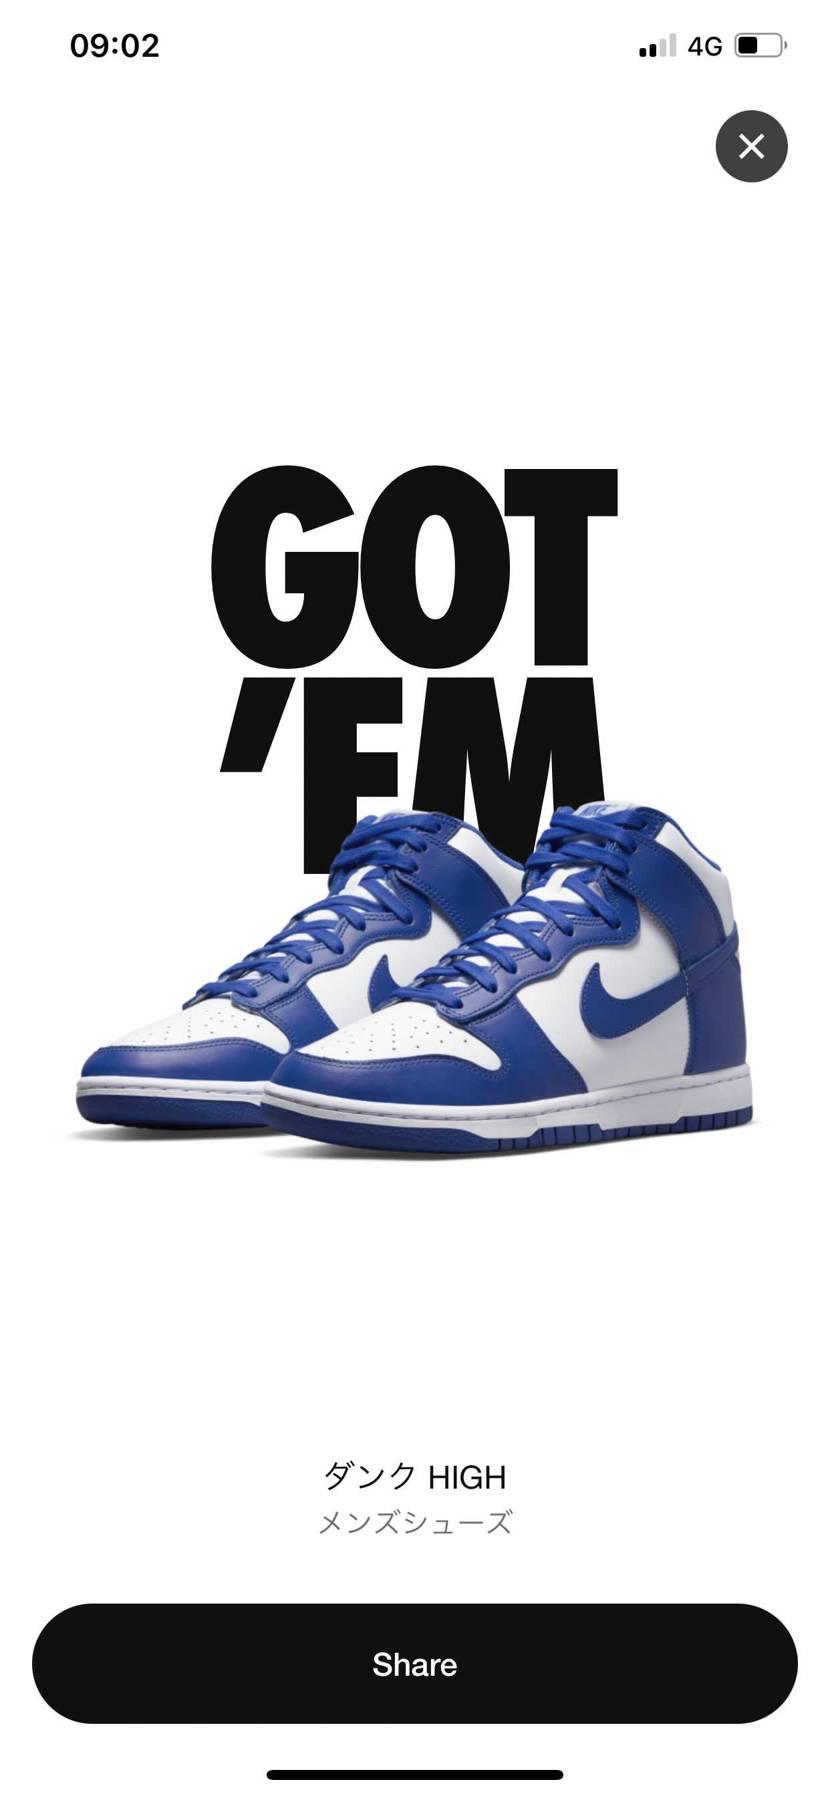 Nike ありがとうございます🥰🥰🥰